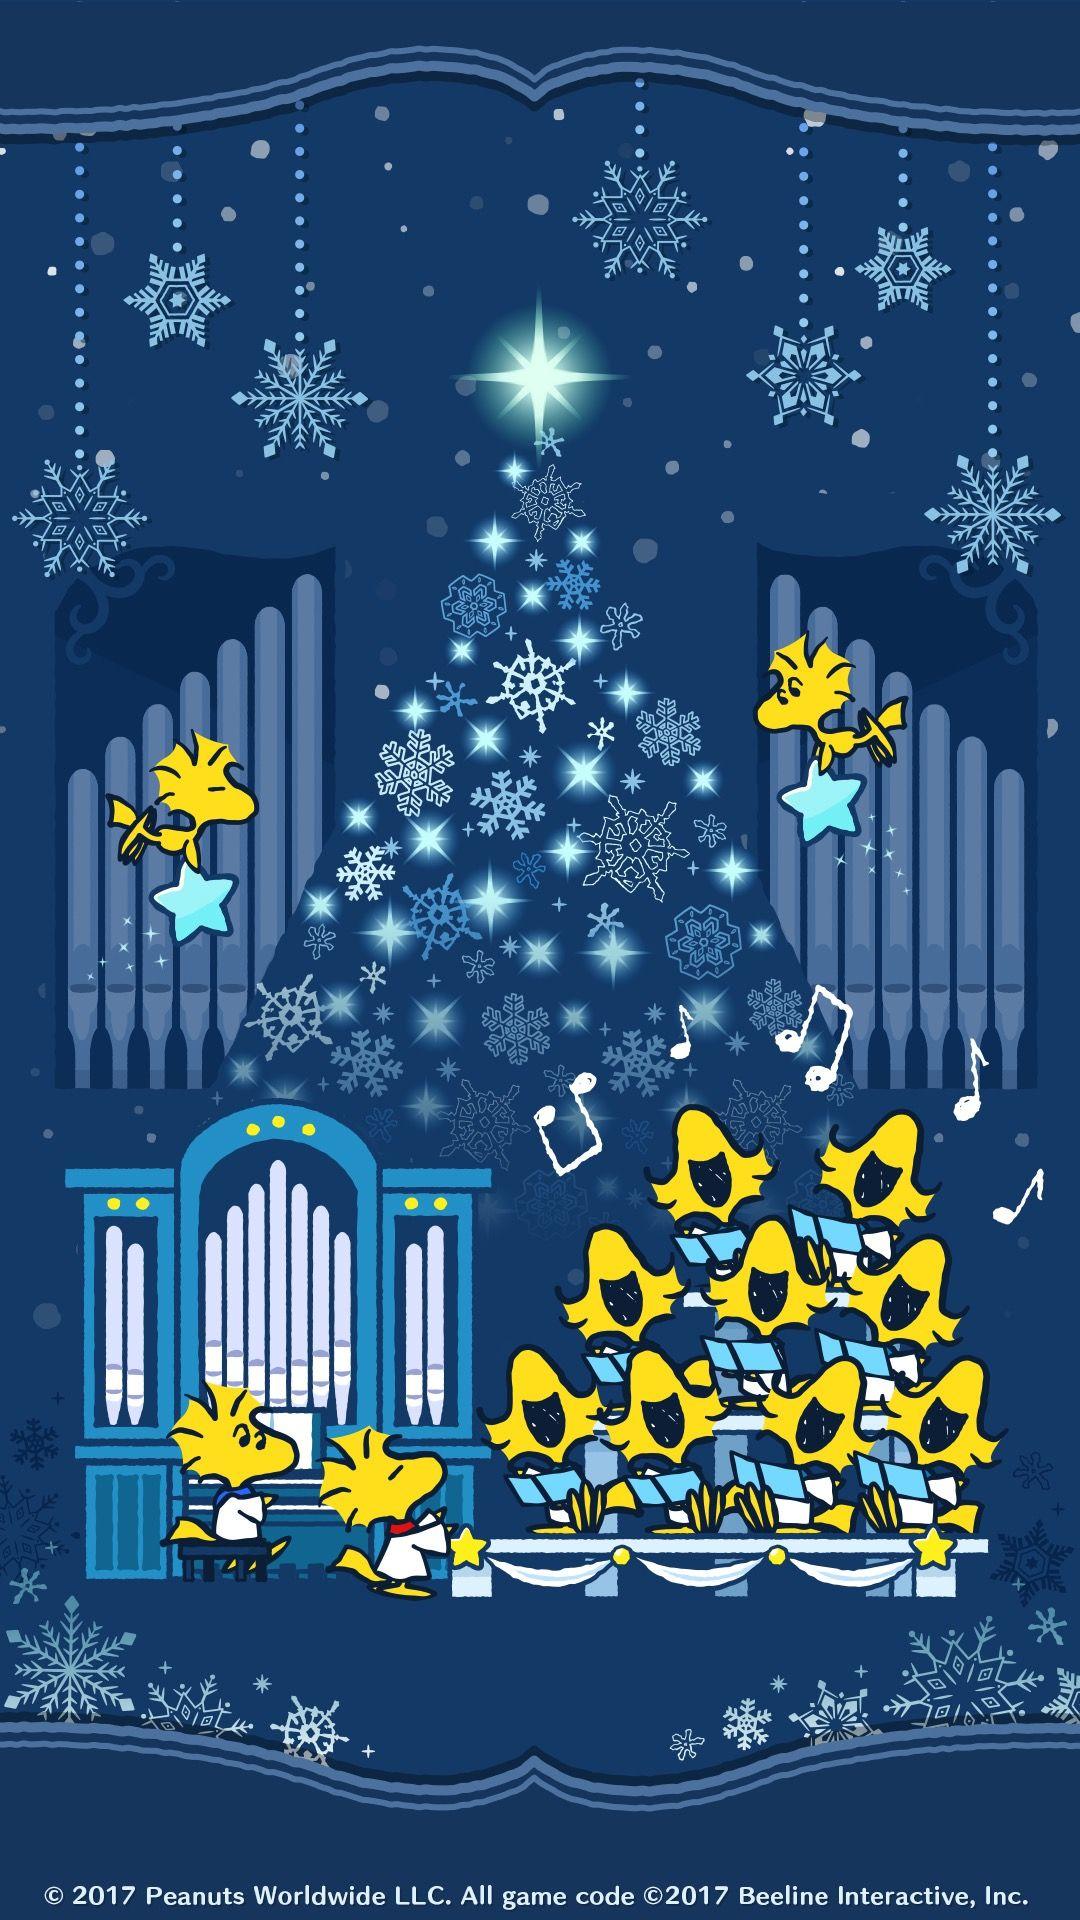 Snoopy スヌーピー 聖歌隊 スヌーピー クリスマスの壁紙